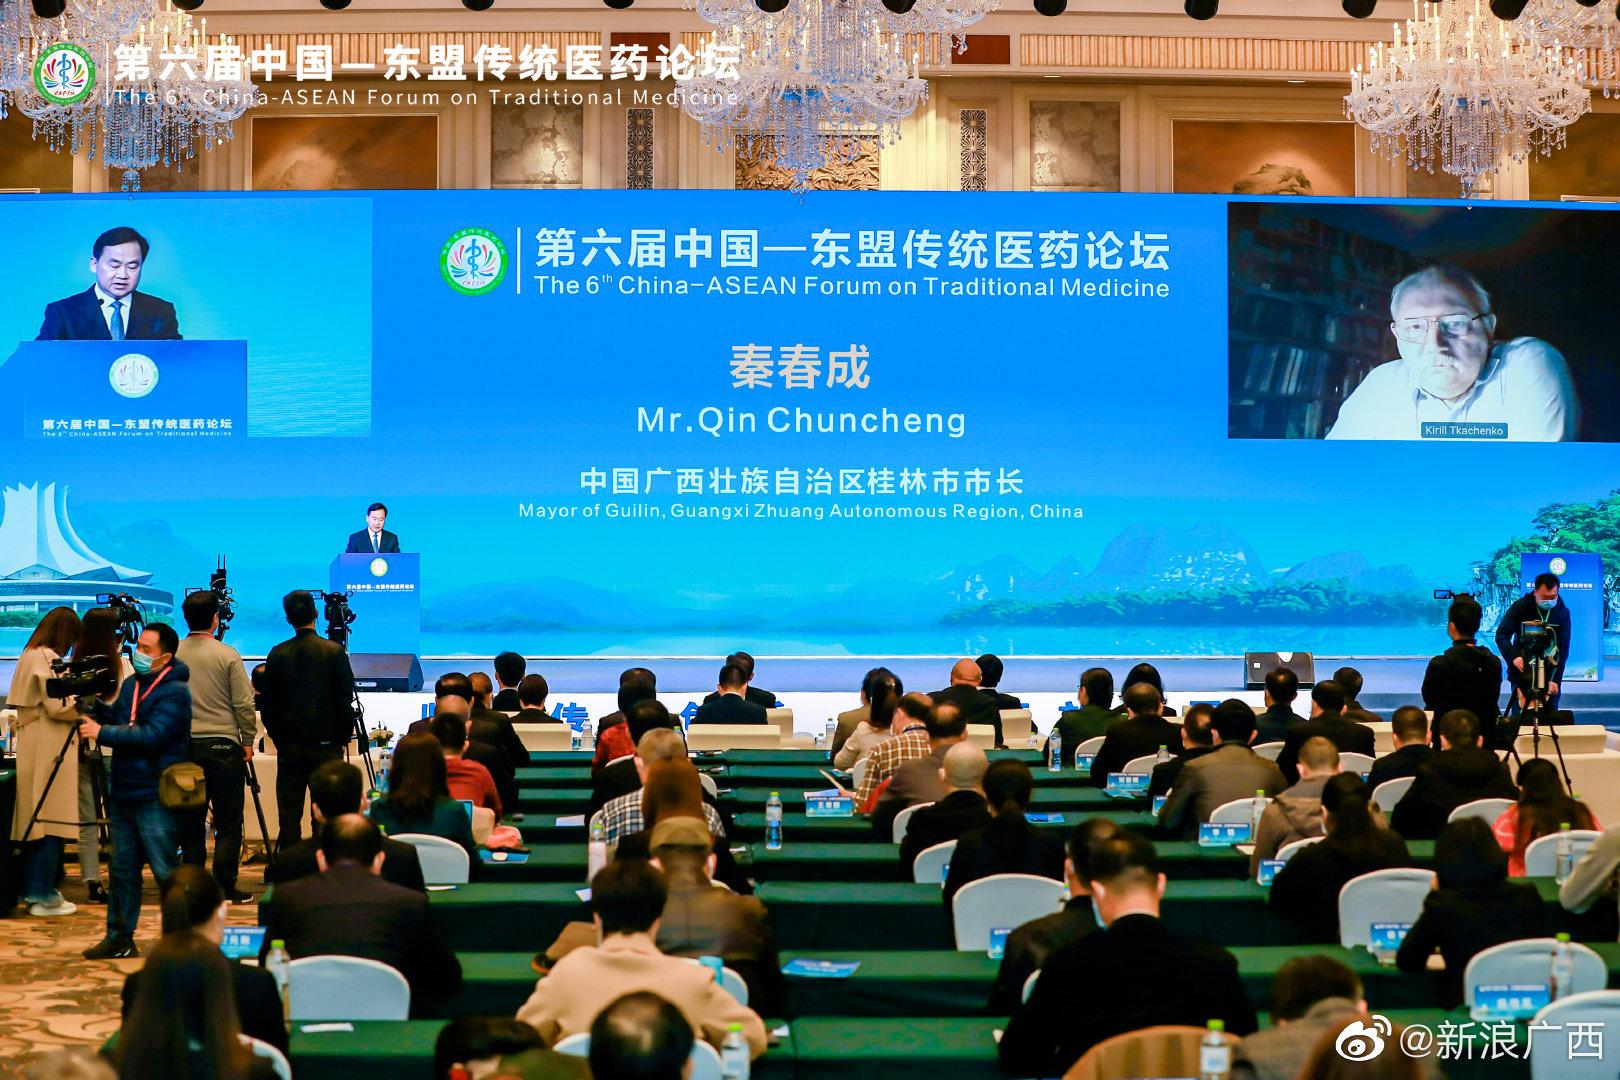 桂林市市长秦春成先生为第六届中国-东盟传统医药论坛开幕式发表致辞